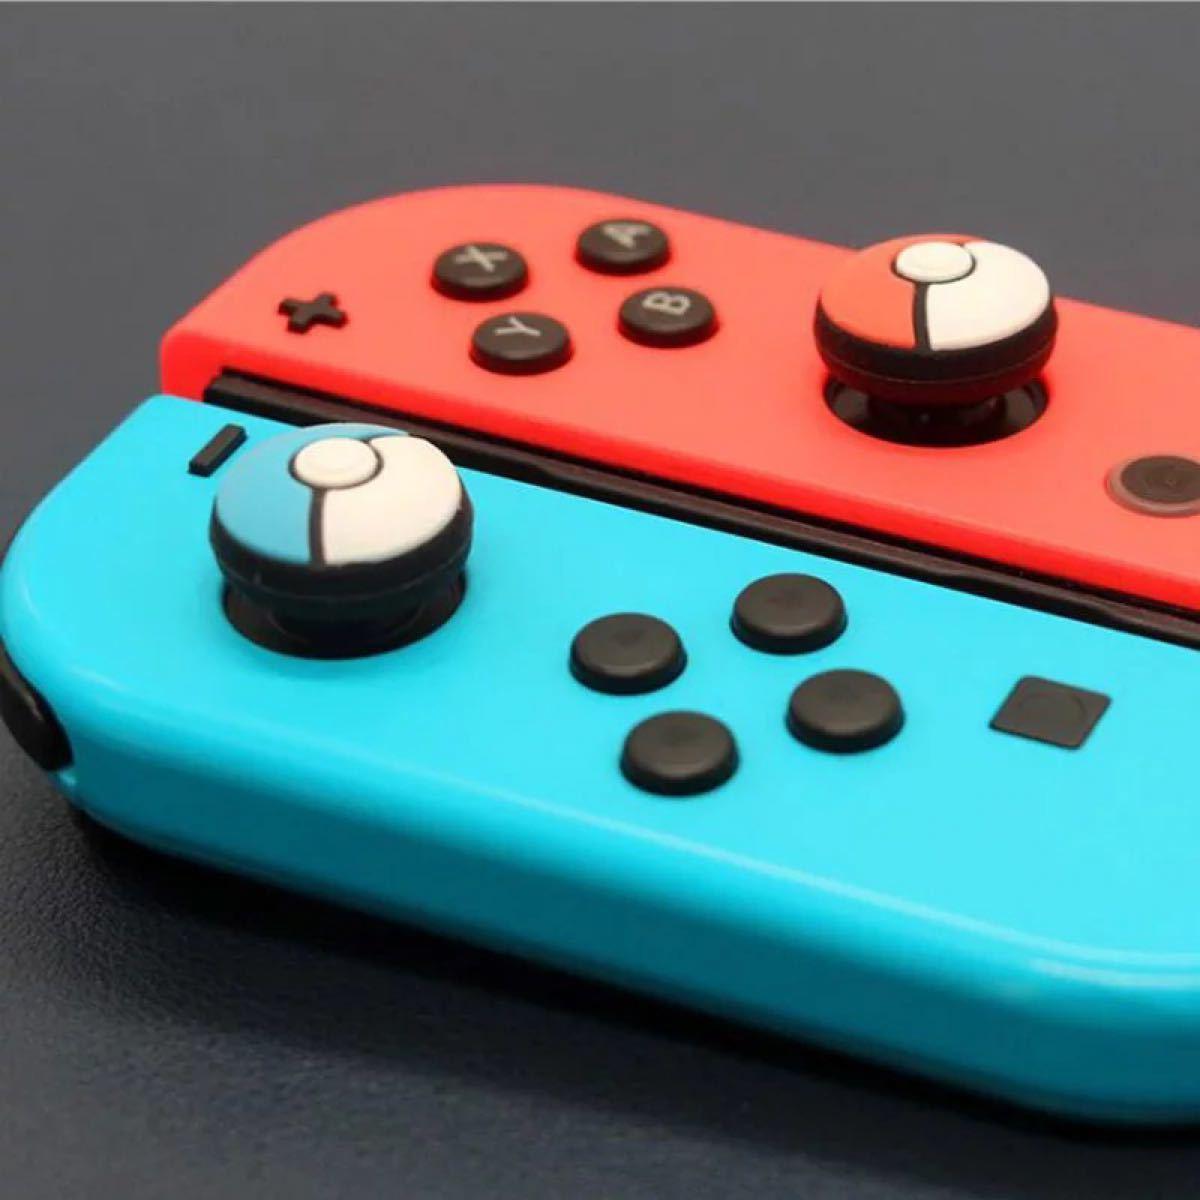 ジョイコン Switch スイッチ カバー シリコン Joy-Con ポケモン